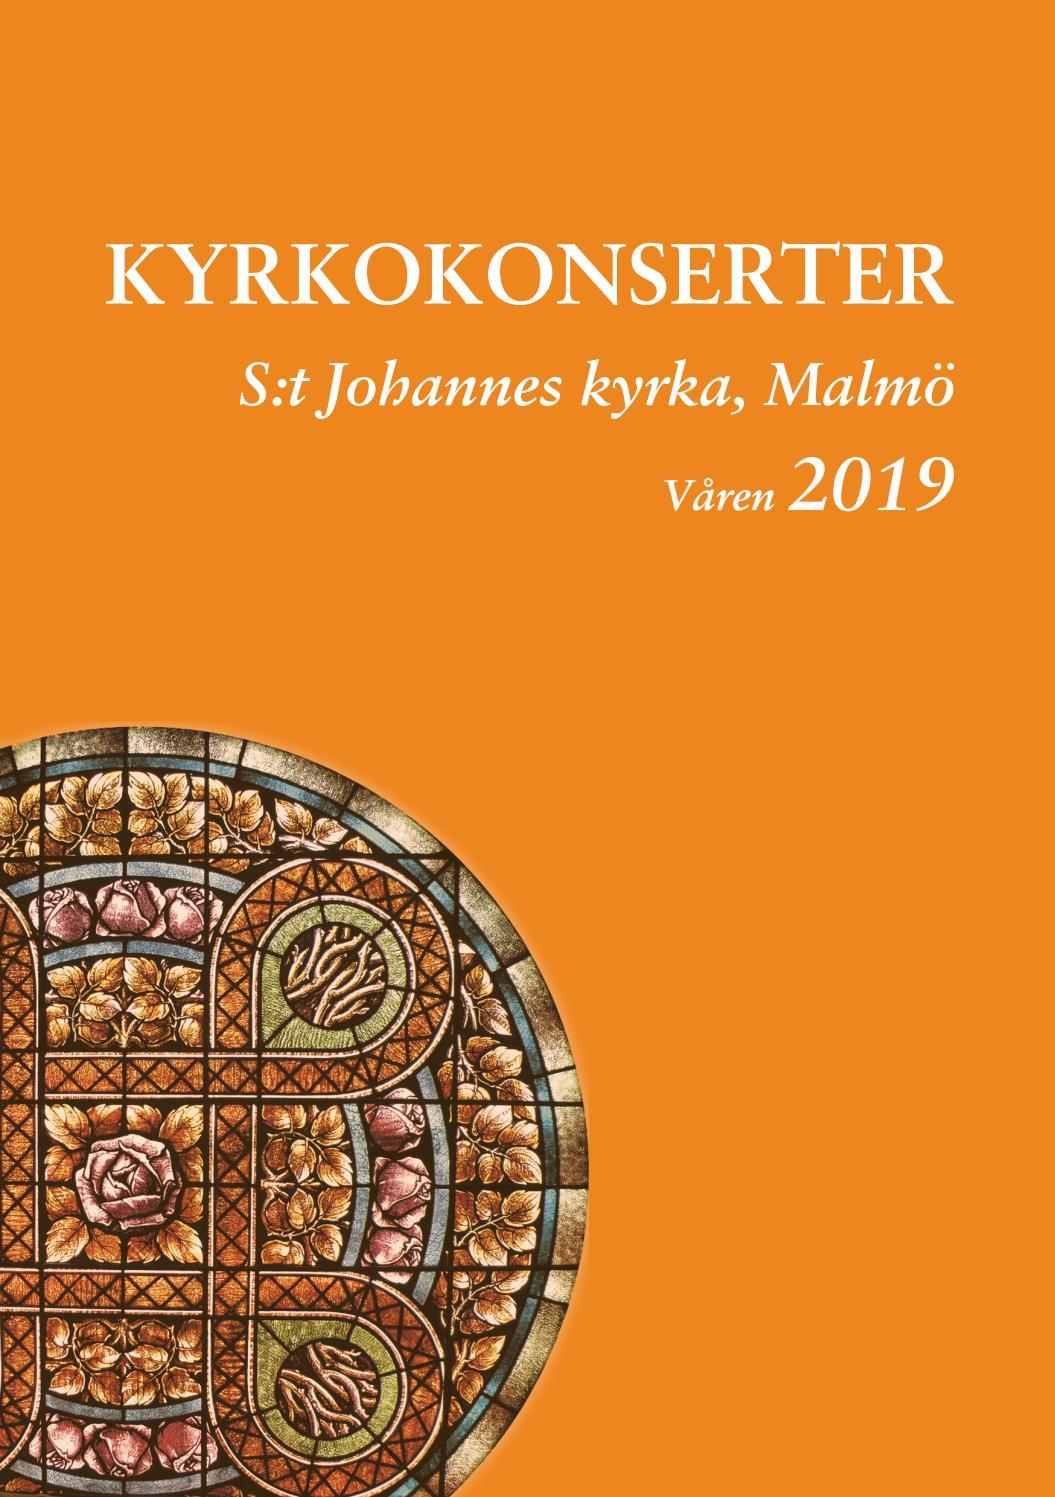 Samtal och std - S:t Johannes frsamling - Svenska kyrkan